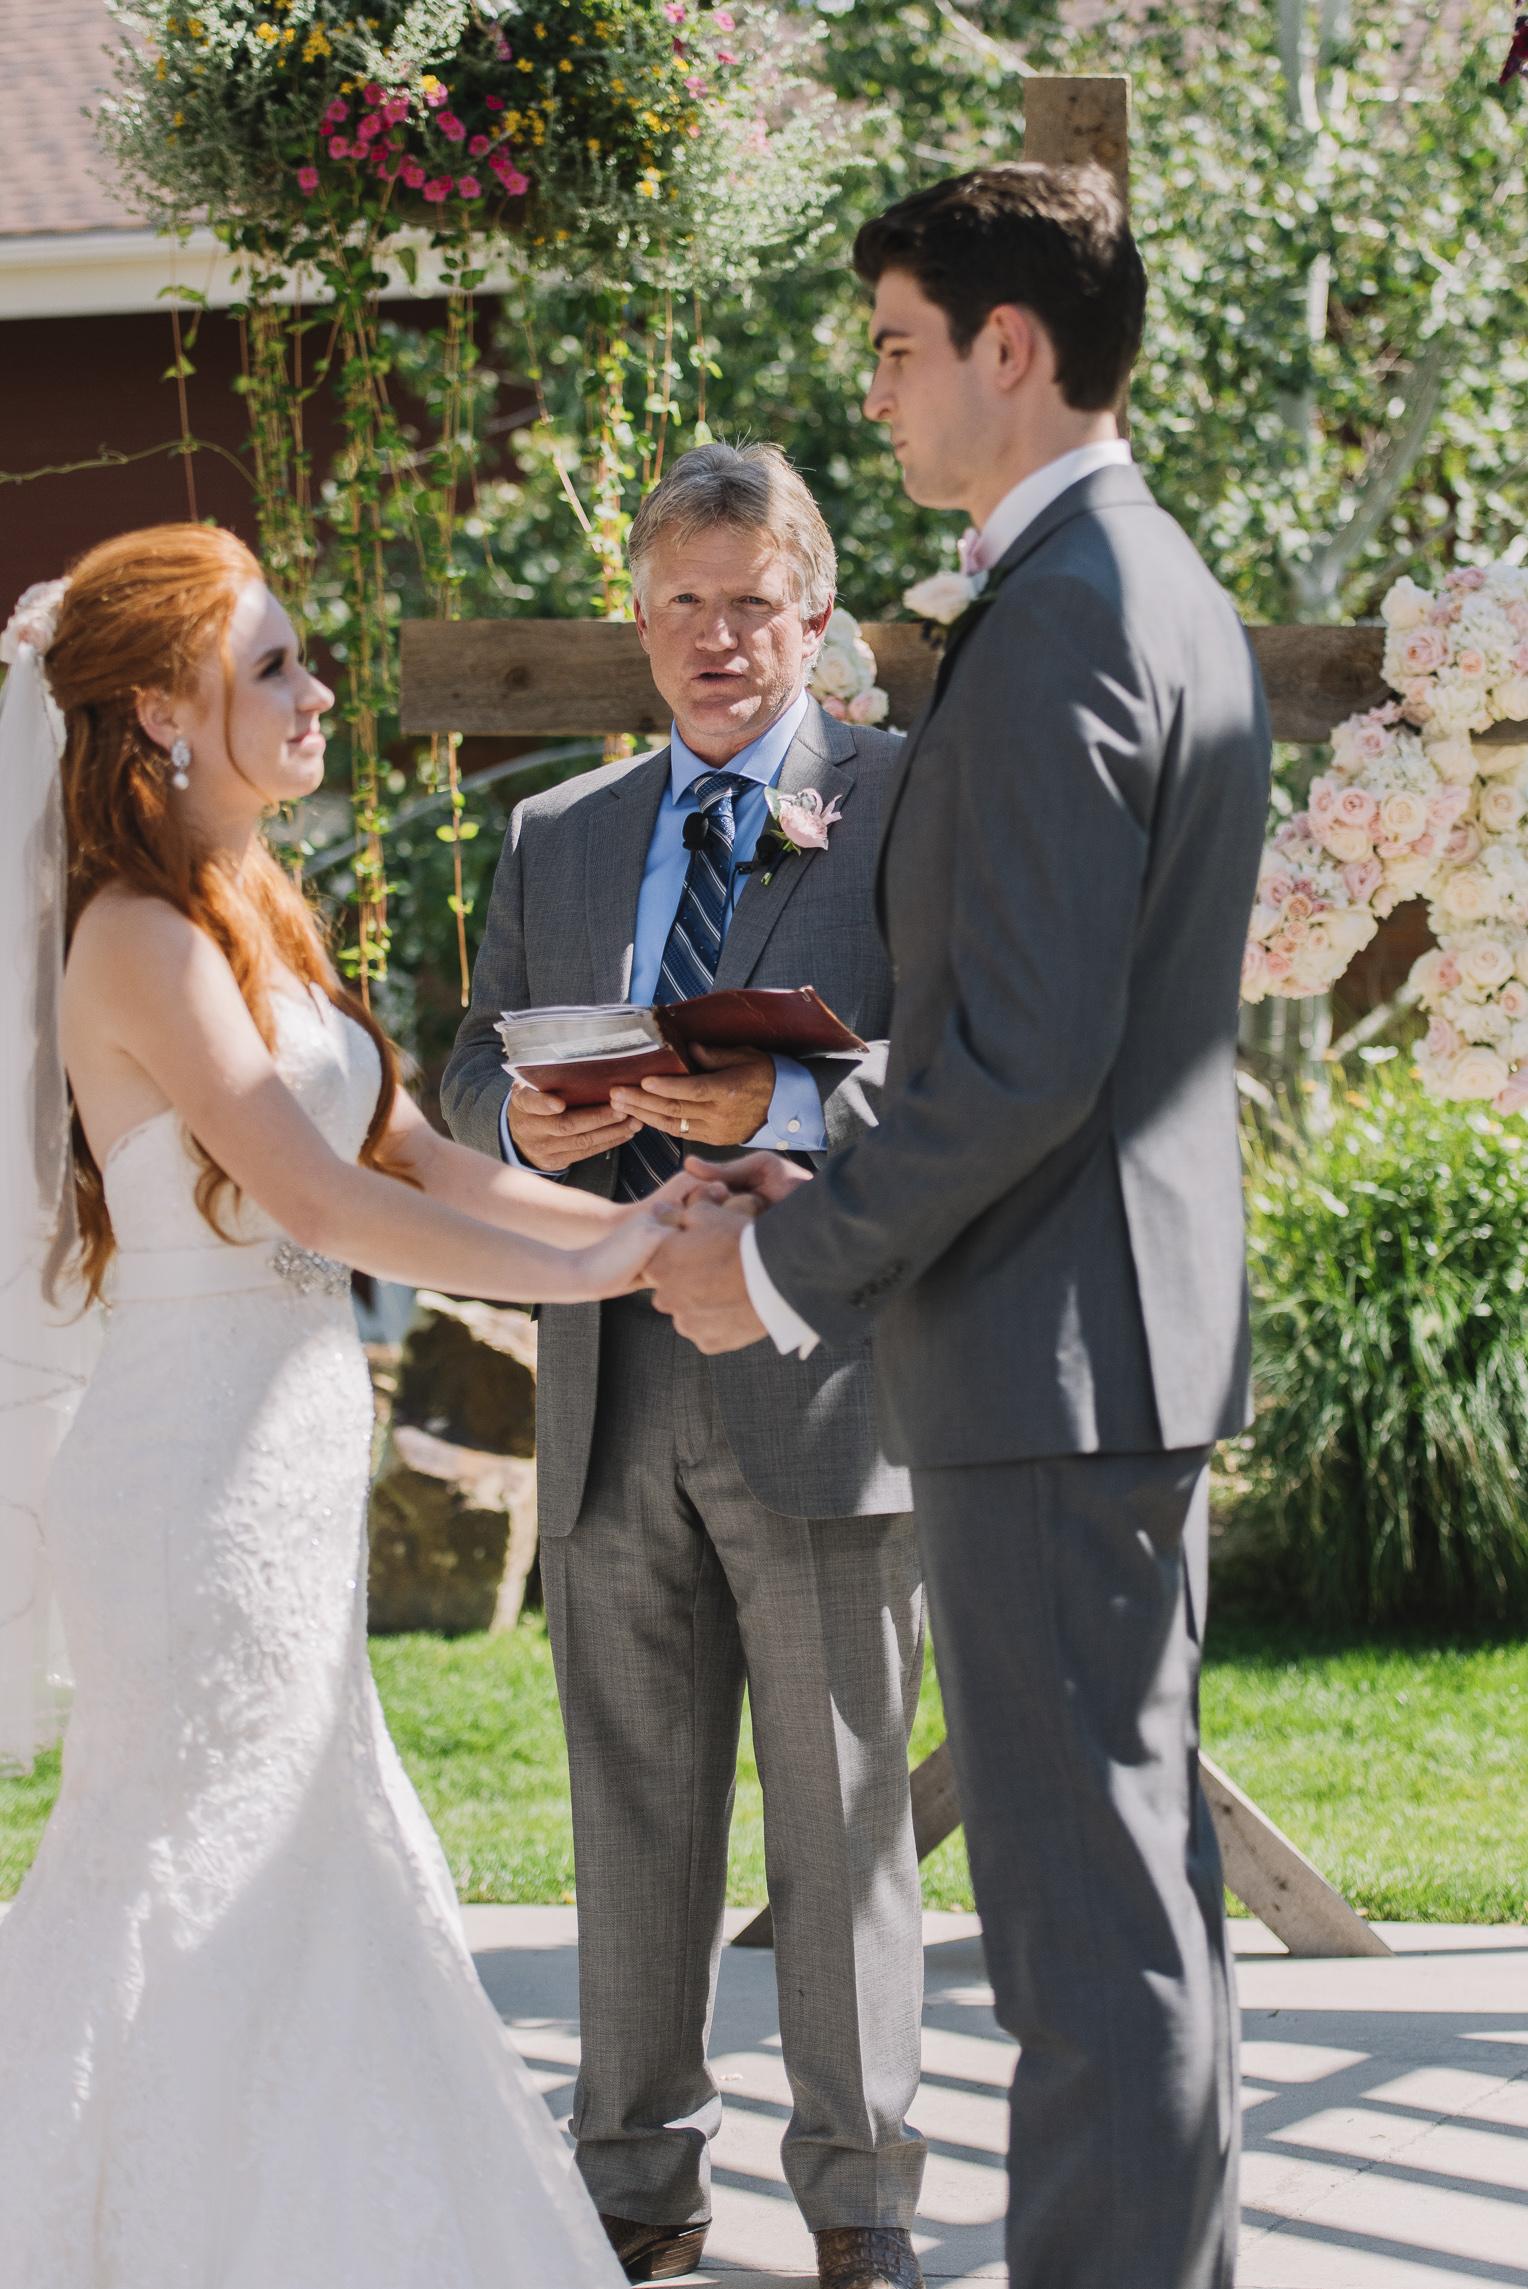 web sized images -- no to print --CALVIN & MCKYLEY WEDDING PHOTOS - COLORADO PHOTOGRAPHER - DEBI RAE PHOTOGRAPHY-857.jpg